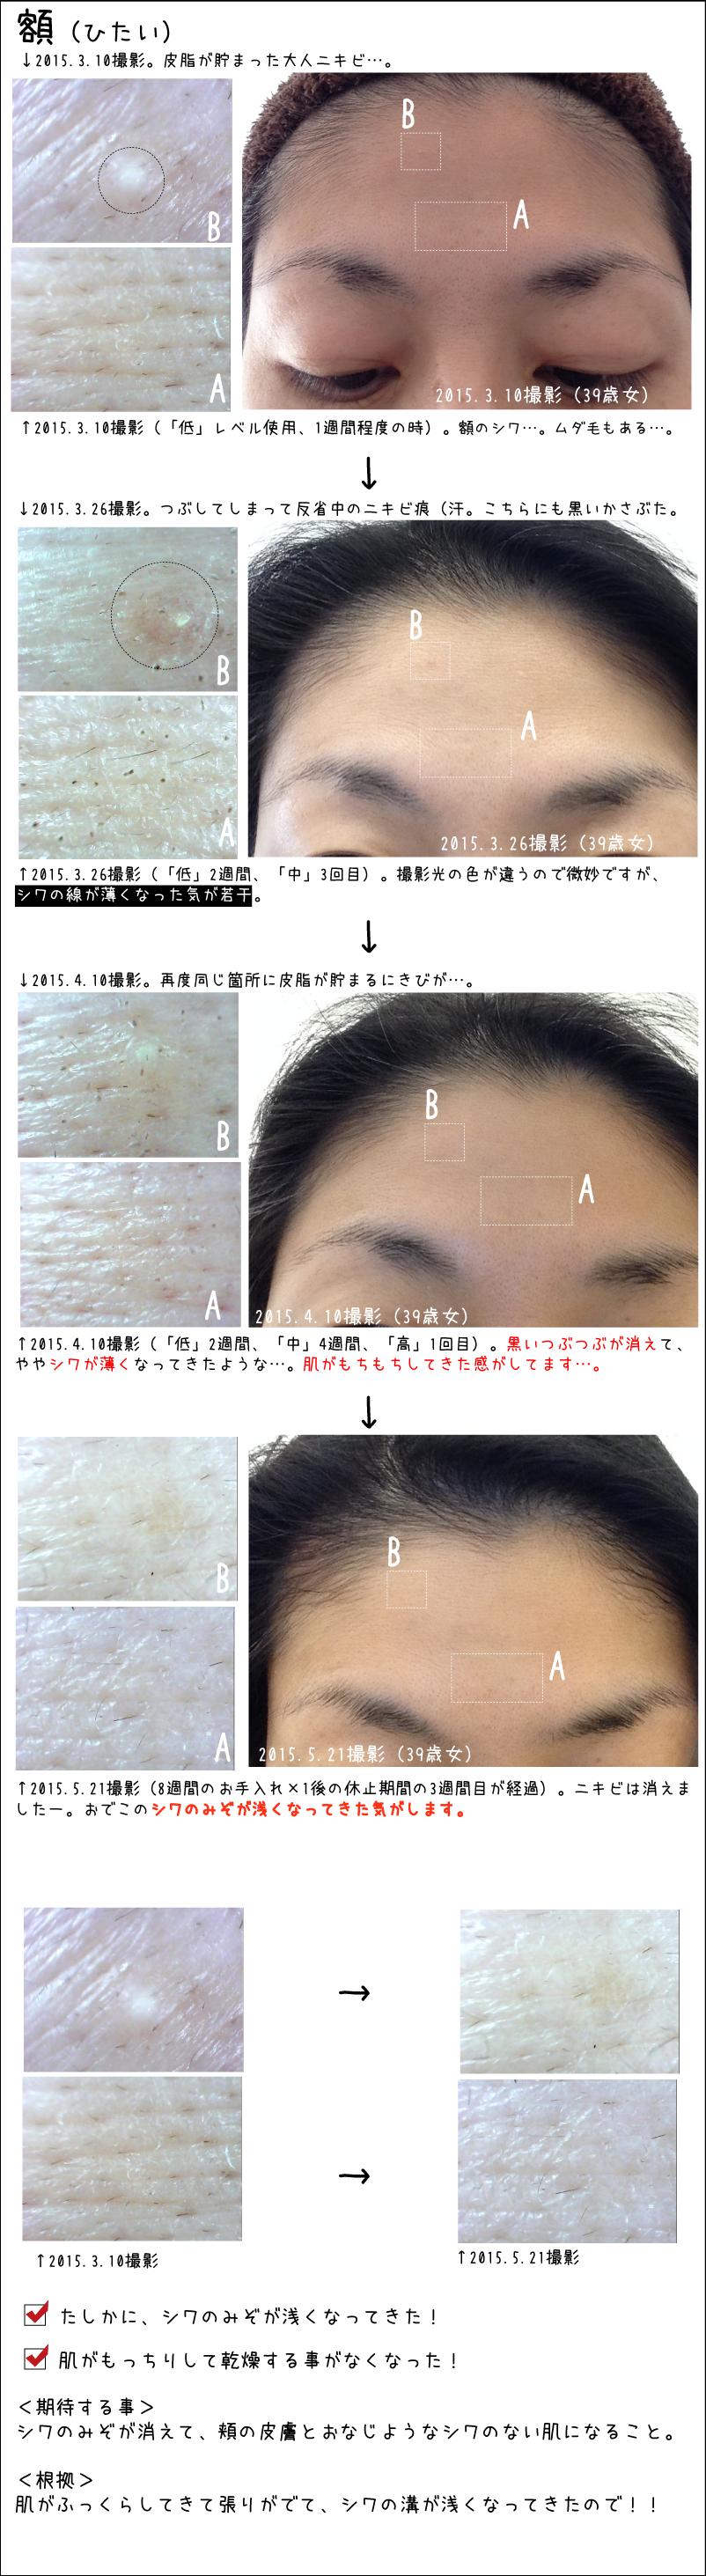 額(ひたい)。2015.5.21撮影(8週間のお手入れ×1後の休止期間の3週間目が経過)。ニキビは消えましたー。おでこのシワのみぞが浅くなってきた気がします。たしかに、シワのみぞが浅くなってきた!肌がもっちりして乾燥する事がなくなった!<期待する事>シワのみぞが消えて、頬の皮膚とおなじようなシワのない肌になること。<根拠>肌がふっくらしてきて張りがでて、シワの溝が浅くなってきたので!!